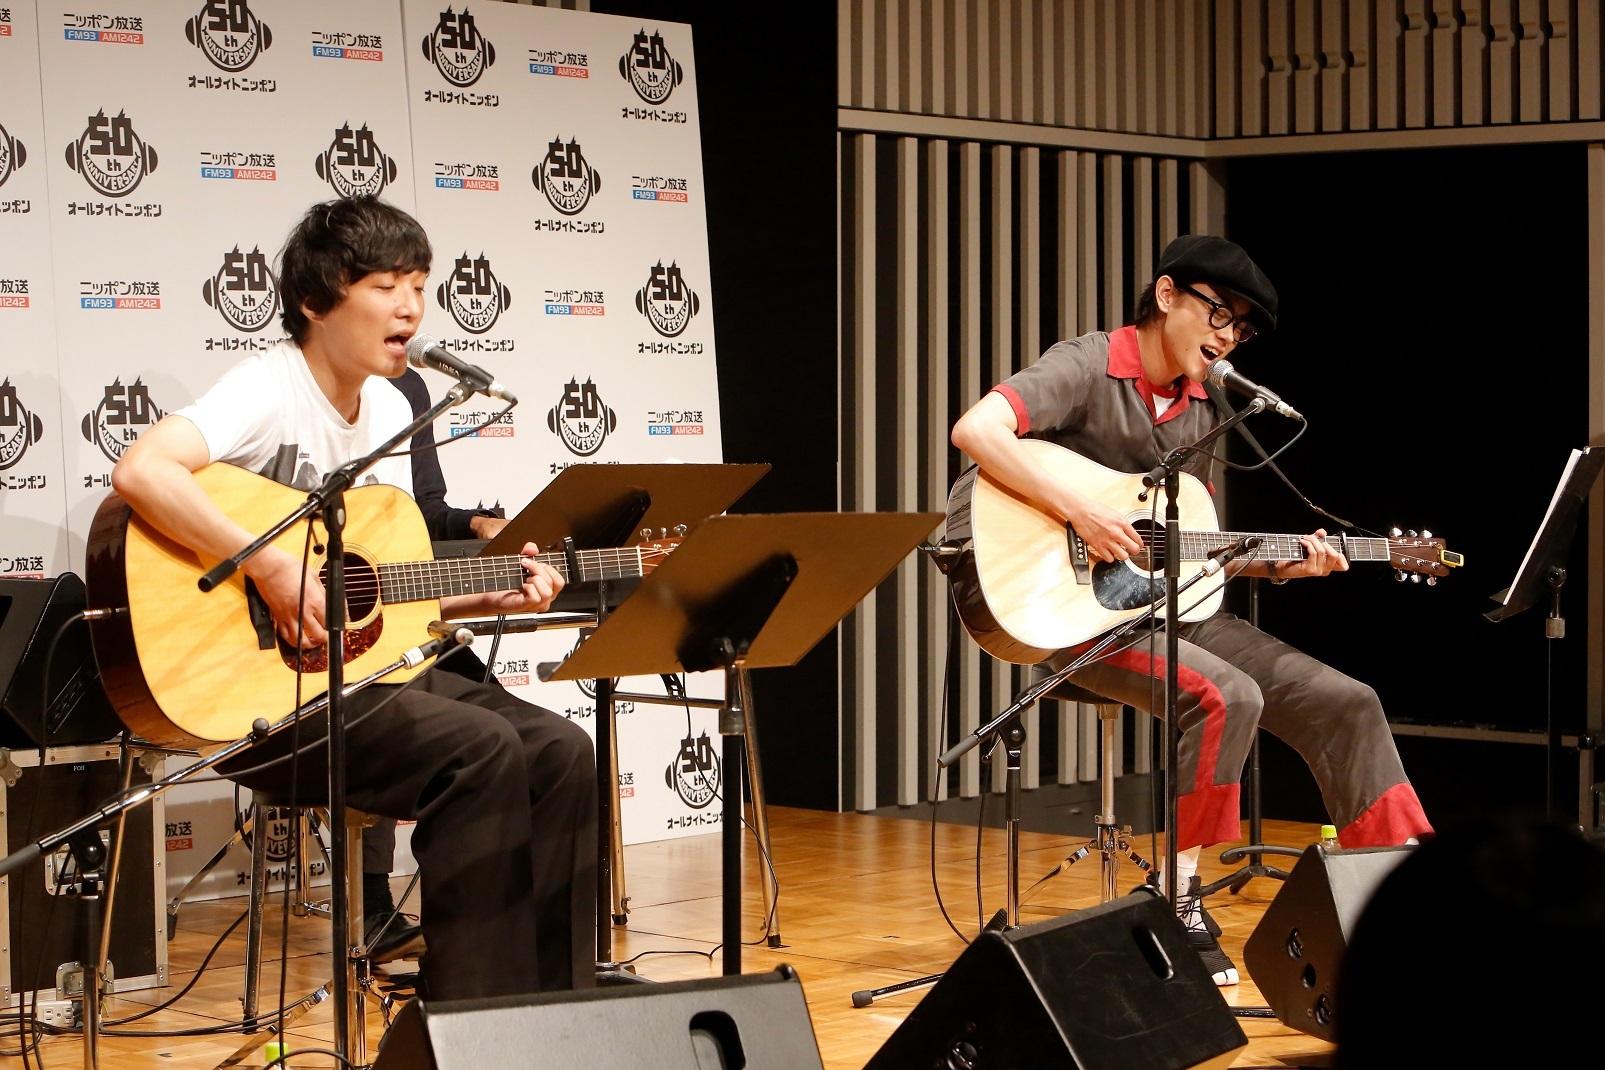 左から、石崎ひゅーい、菅田将暉